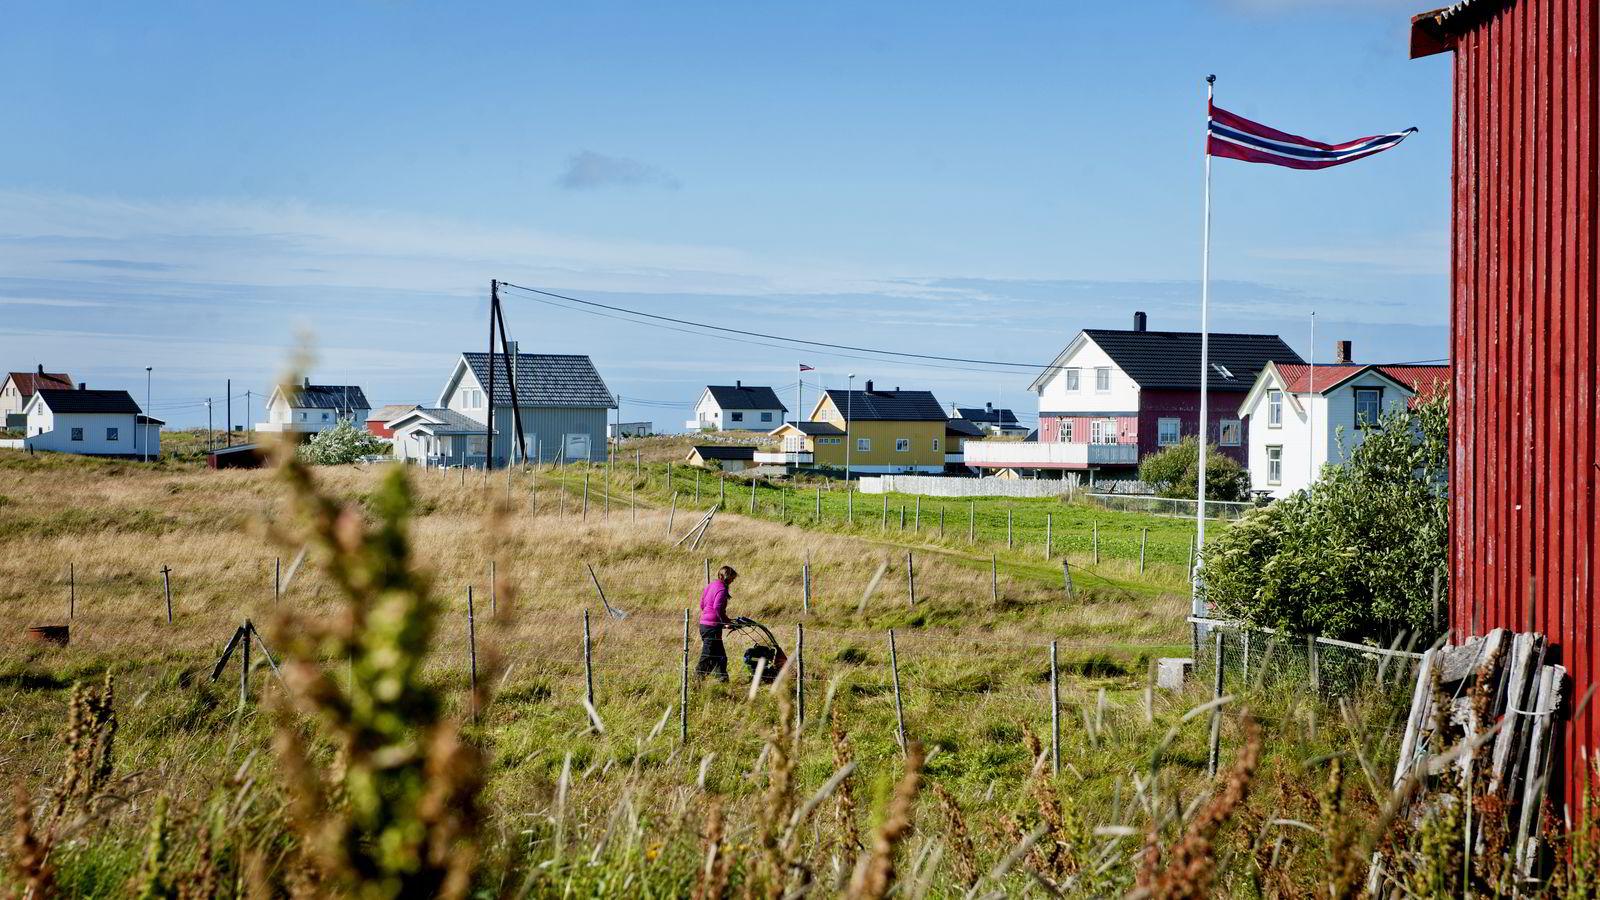 Røst kommune har hatt en befolkningsreduksjon på 20 prosent de siste femten årene.